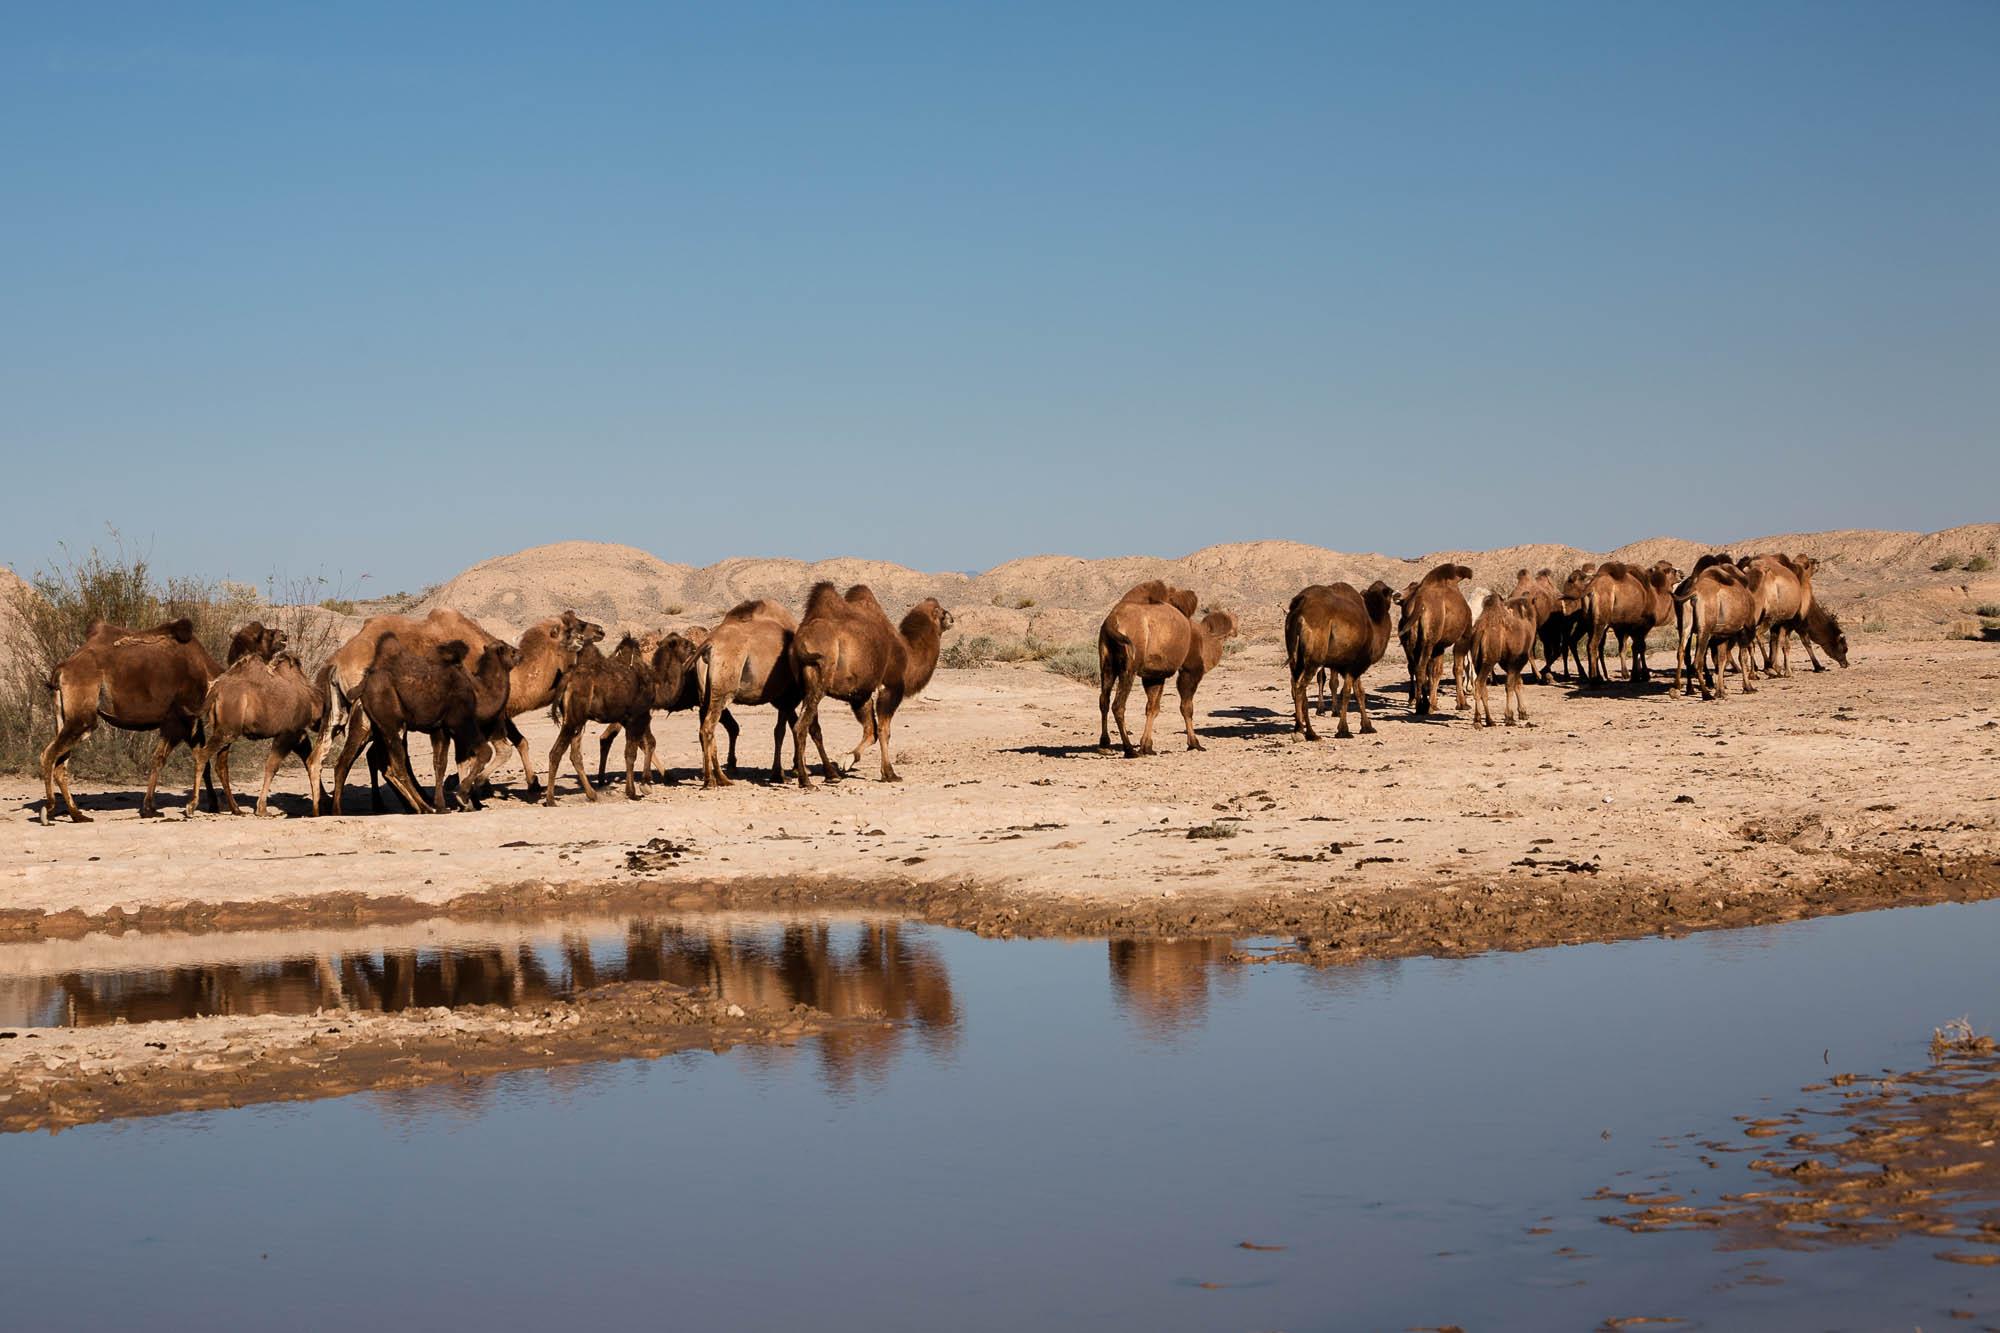 camels leaving